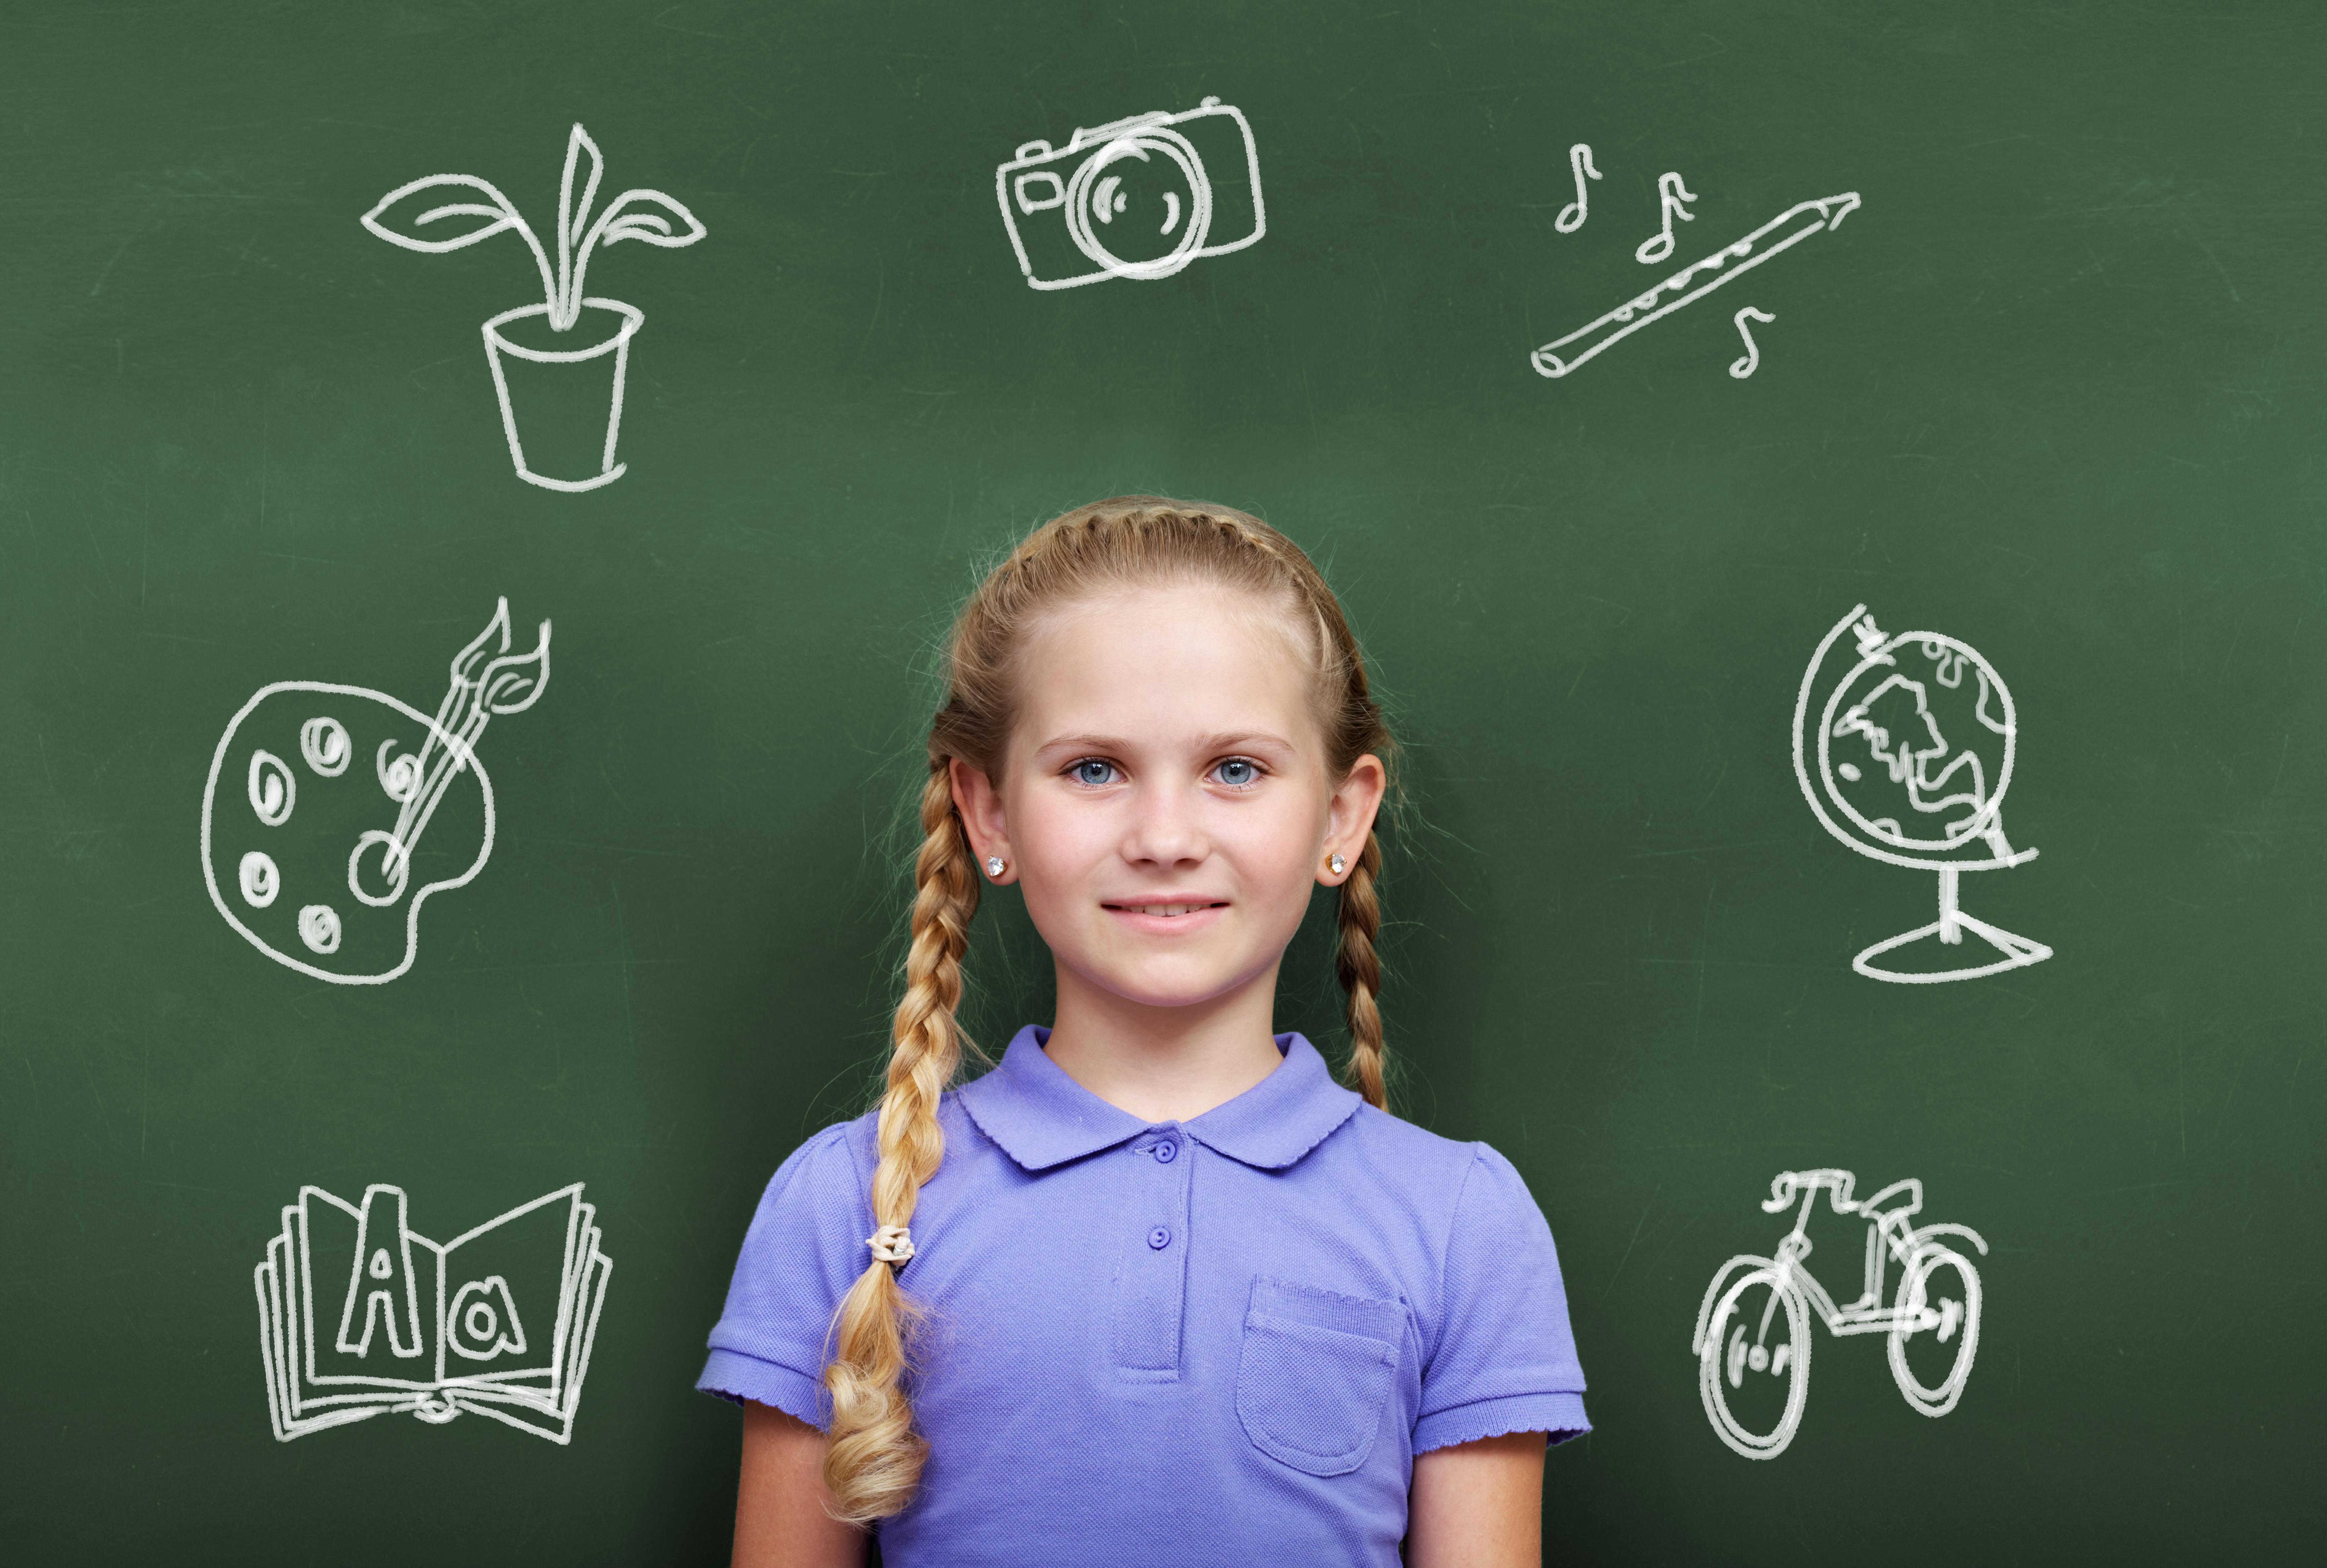 Ali je otrok vaš življenski projekt?